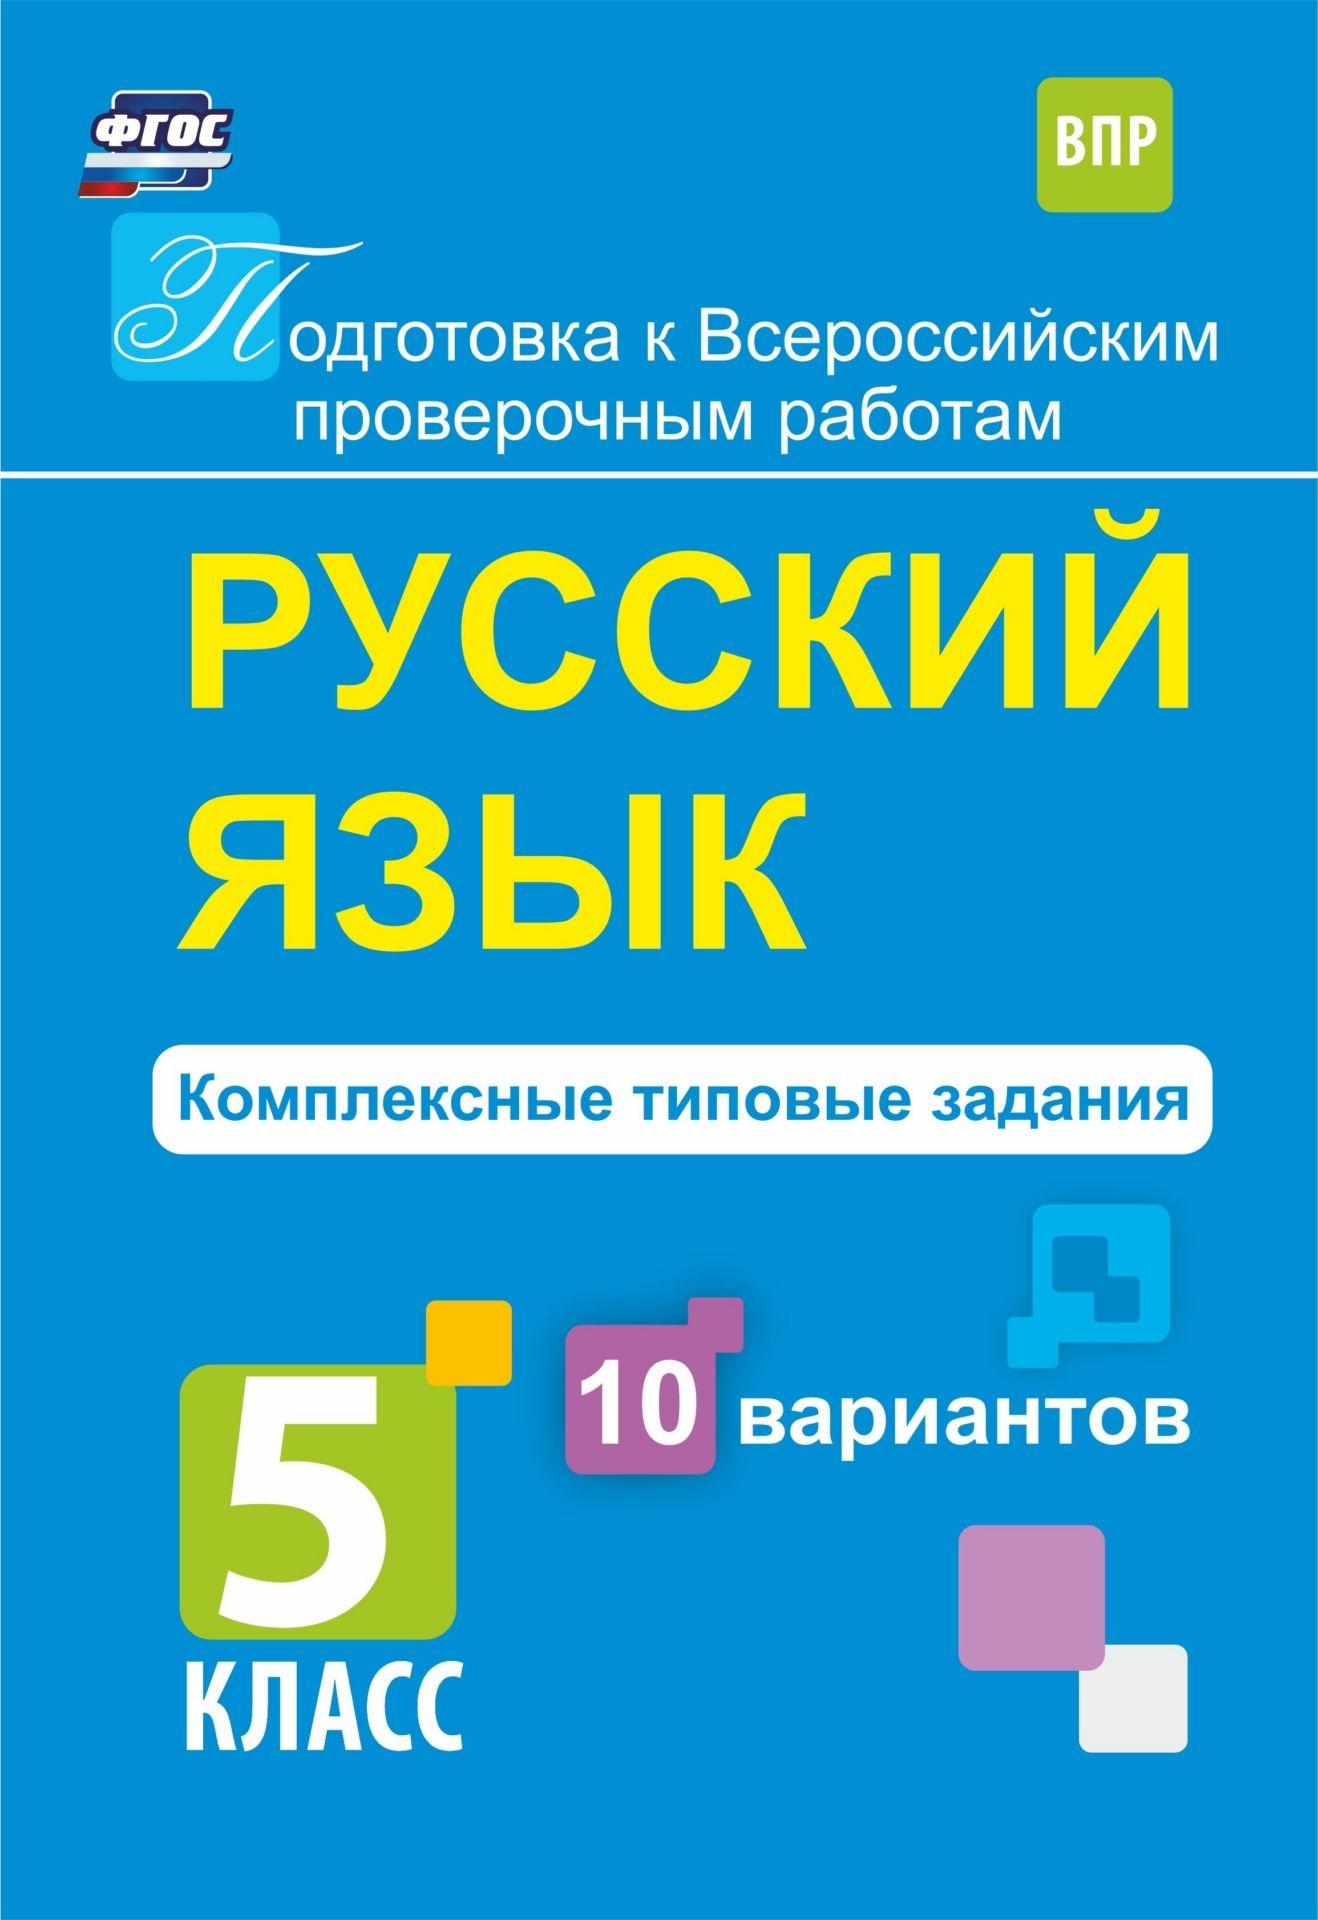 Русский язык. Комплексные типовые задания. 10 вариантов. 5 классПредметы<br>Учащимся 5 классов предстоит выполнить итоговую проверочную работу по русскому языку, на которой они продемонстрируют знания и умения, полученные на данном этапе обучения.Пособие содержит 10 вариантов типовых заданий Всероссийской проверочной работы по ру...<br><br>Авторы: Свидан М.А.<br>Год: 2017<br>Серия: Подготовка к Всероссийским проверочным работам<br>ISBN: 978-5-9165-1190-1, 9785916511901<br>Высота: 285<br>Ширина: 203<br>Толщина: 3<br>Переплёт: мягкая, скрепка